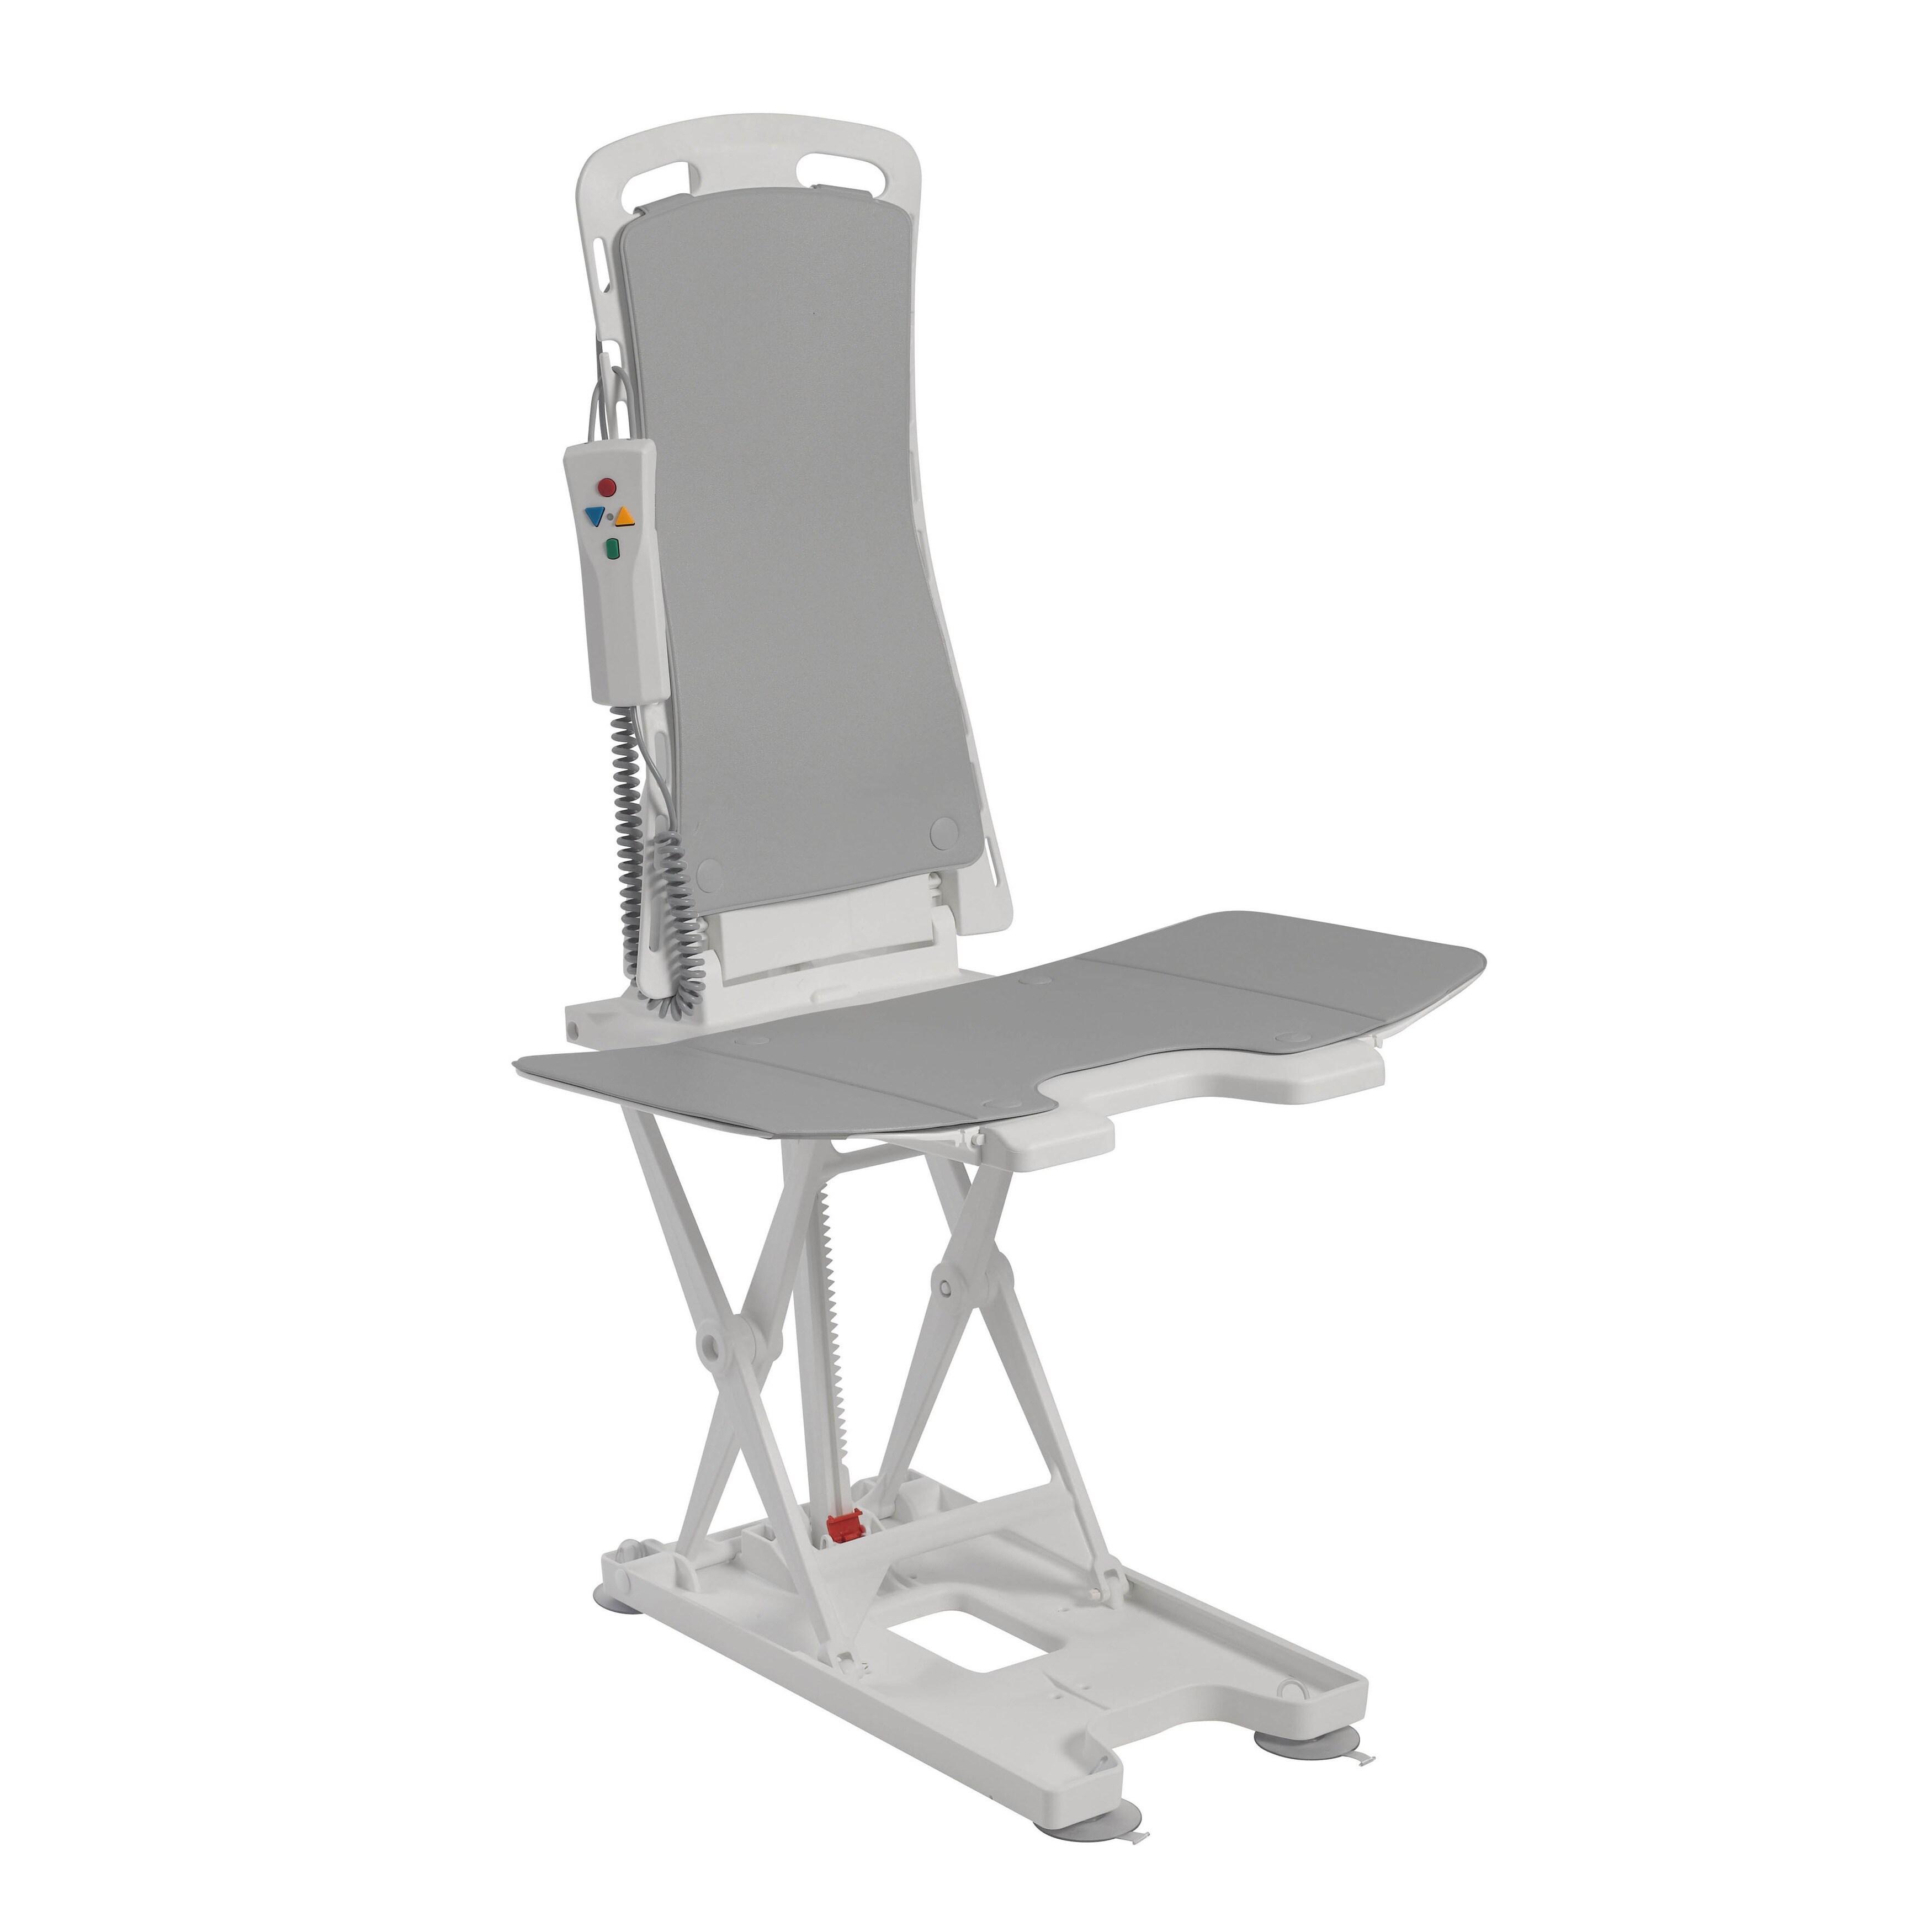 Shop Drive Medical Bellavita Auto Bath Tub Chair Seat Lift - Free ...